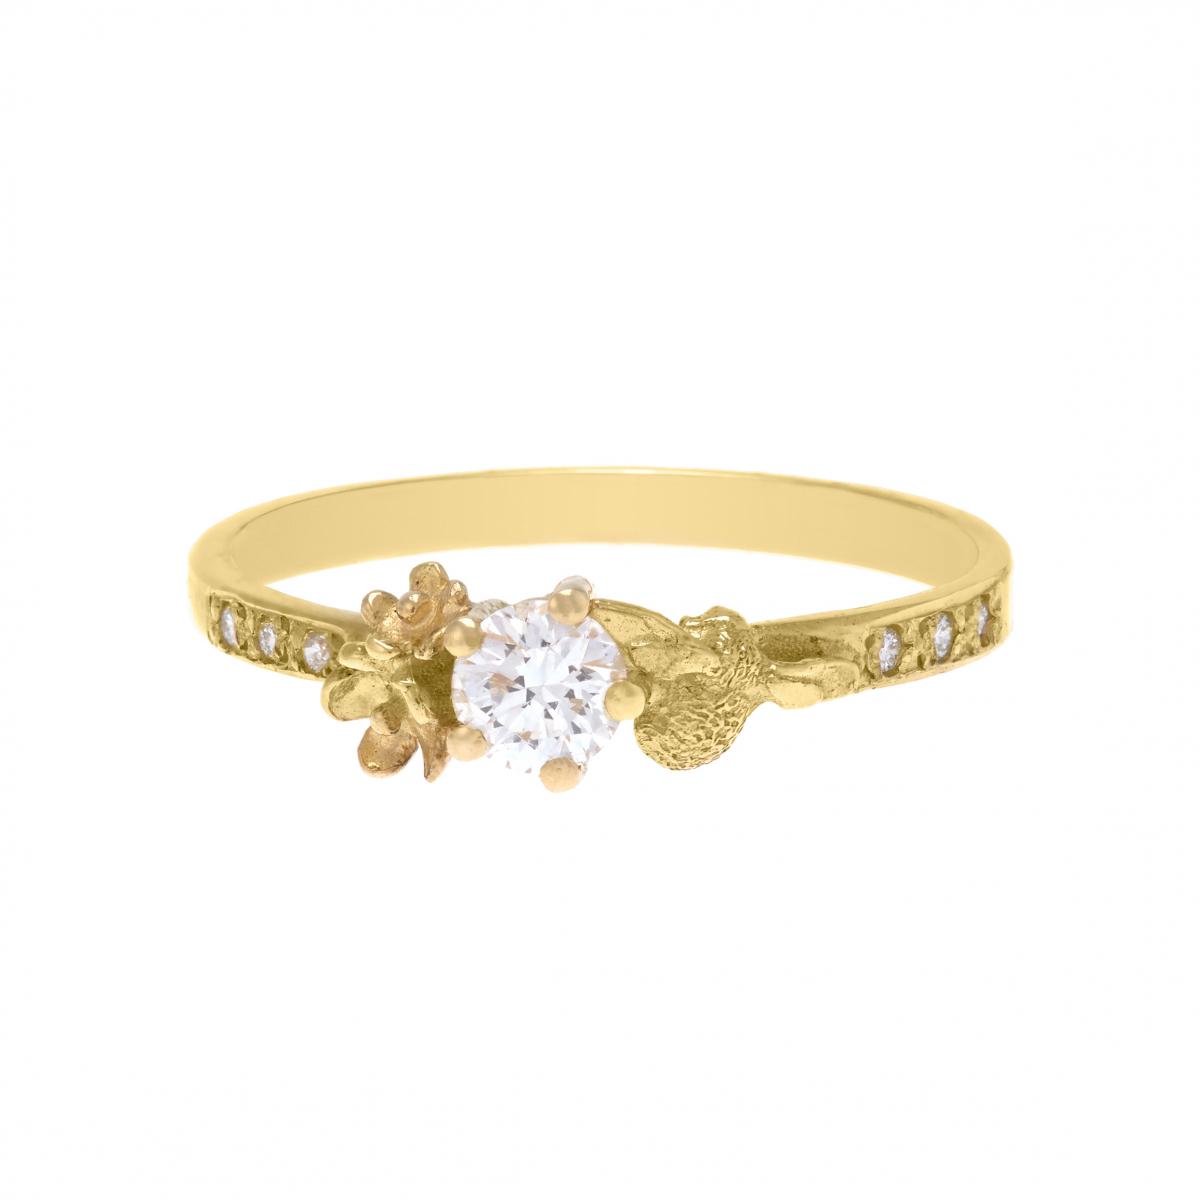 リング〈K18YG、ダイヤモンド0.25ct〉¥390,000